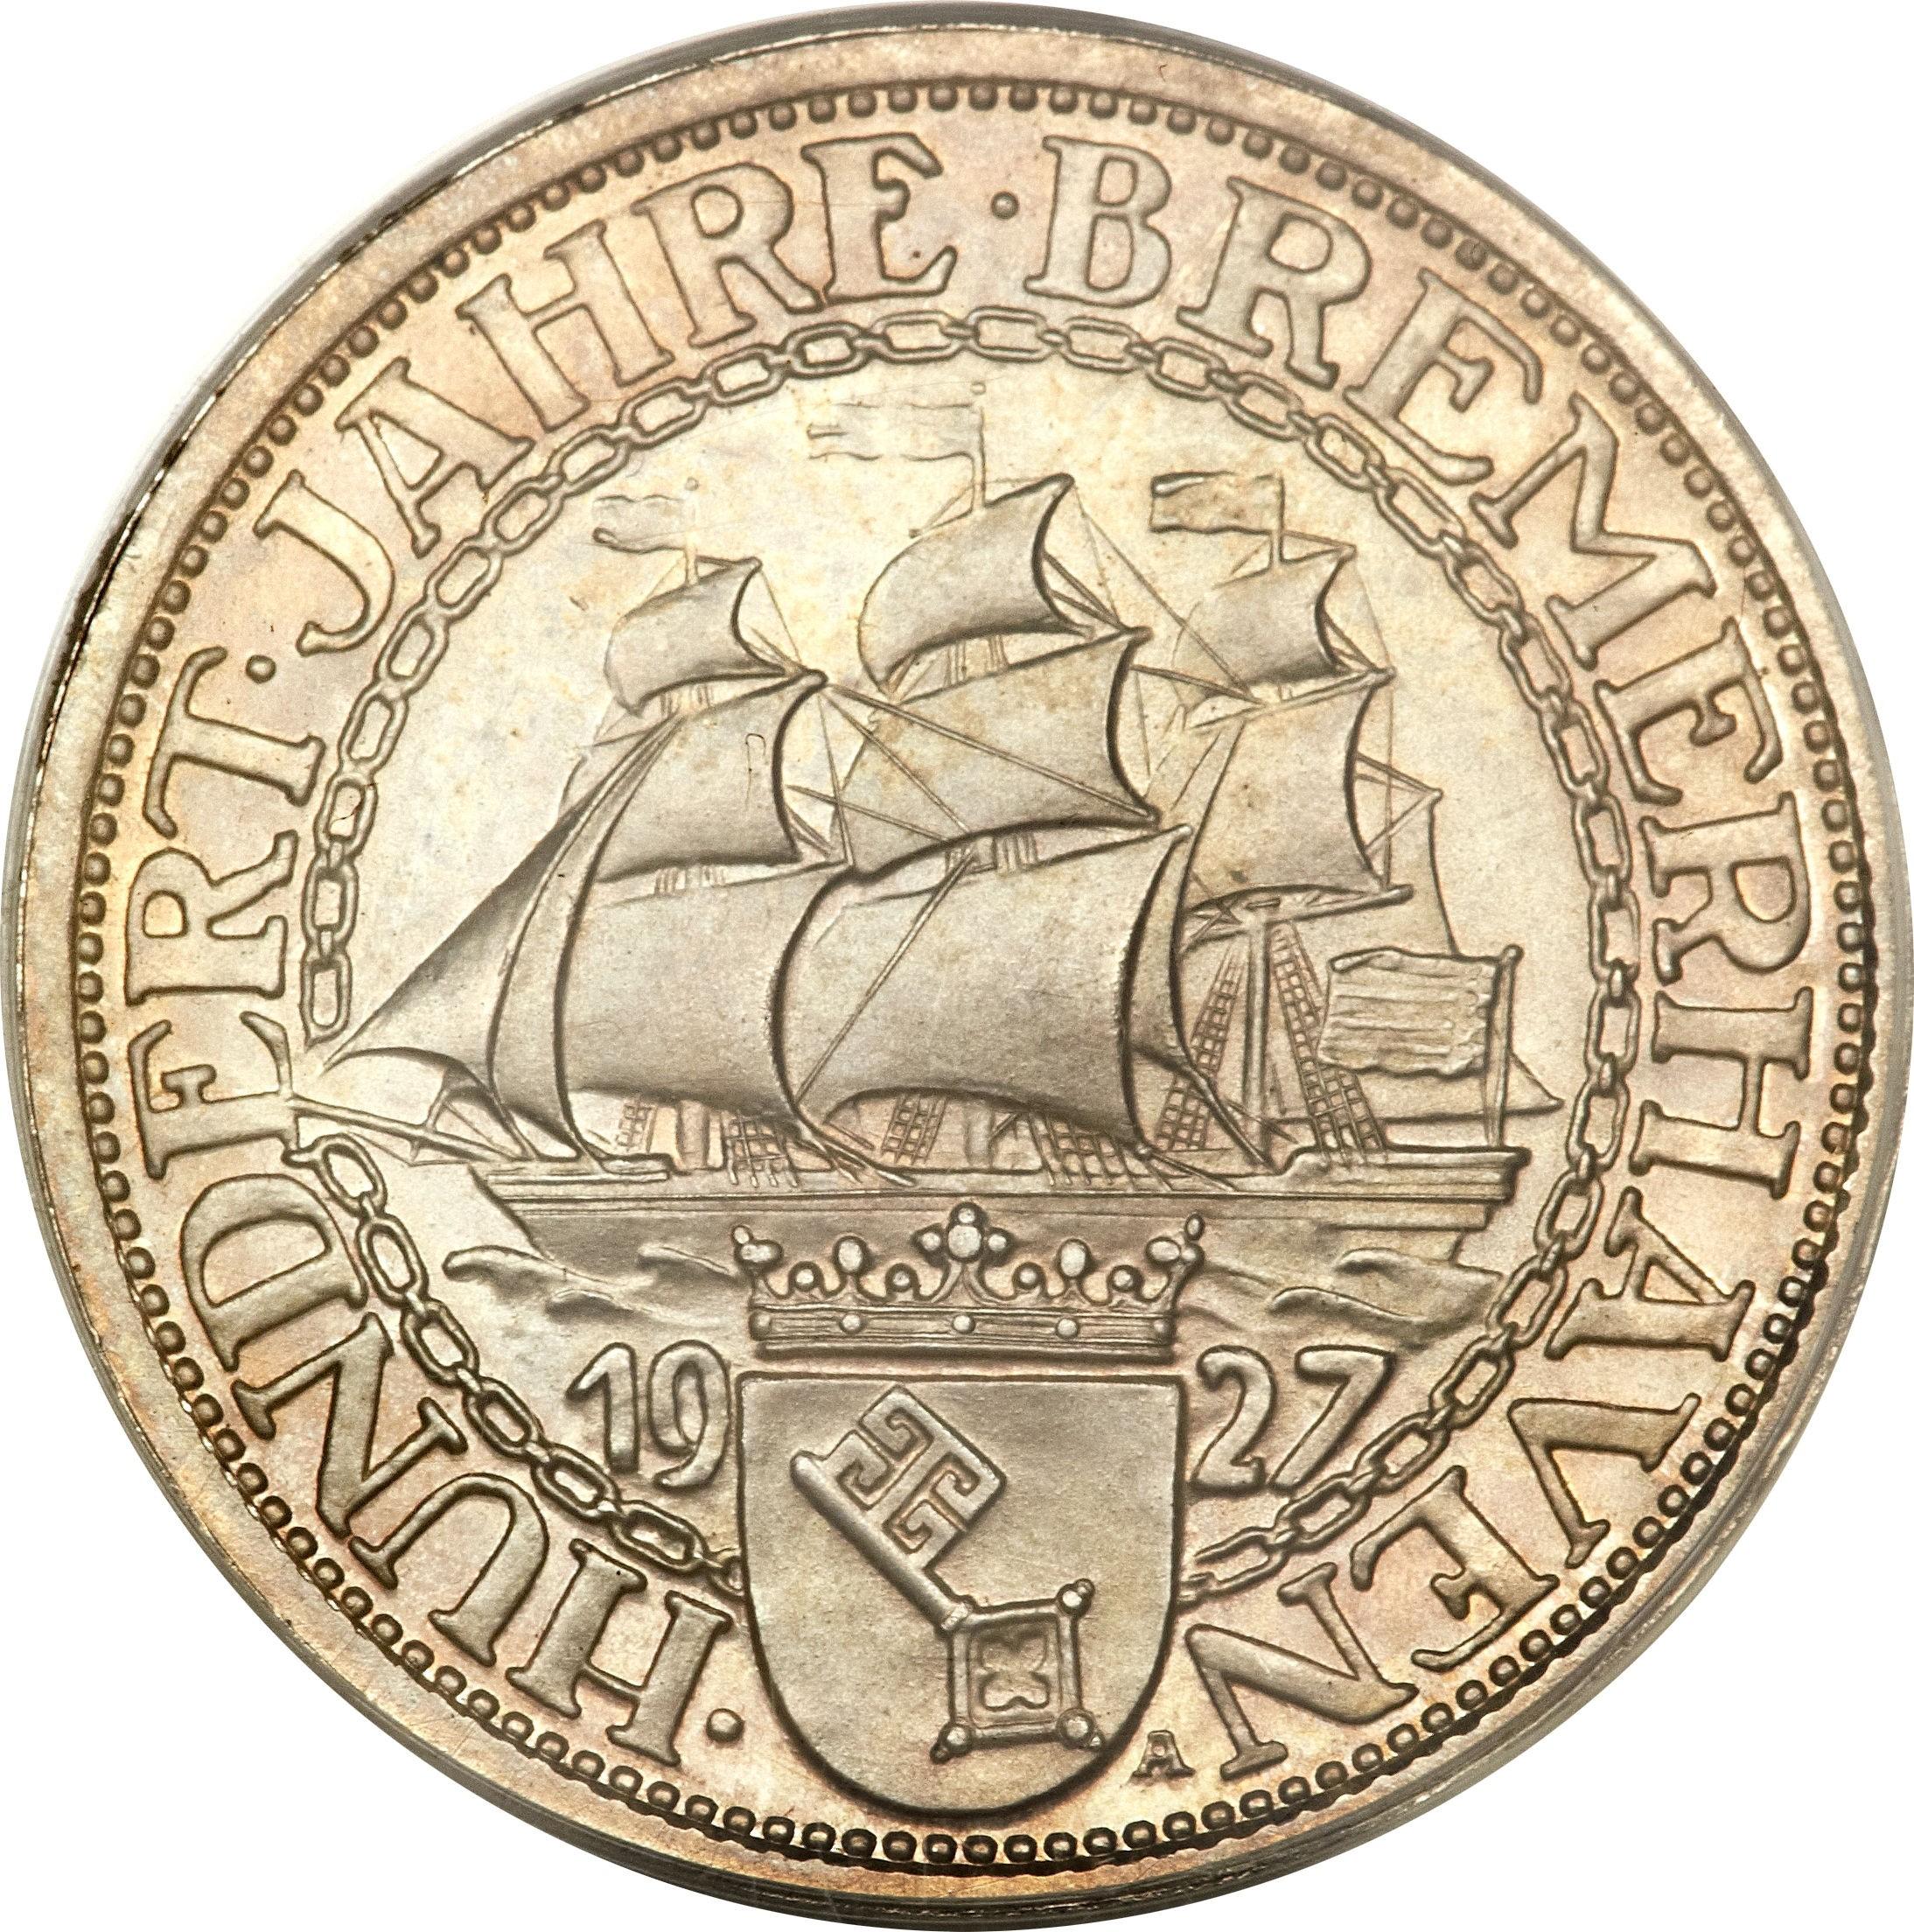 Germany 3 Reichsmark (1927 Bremerhaven)